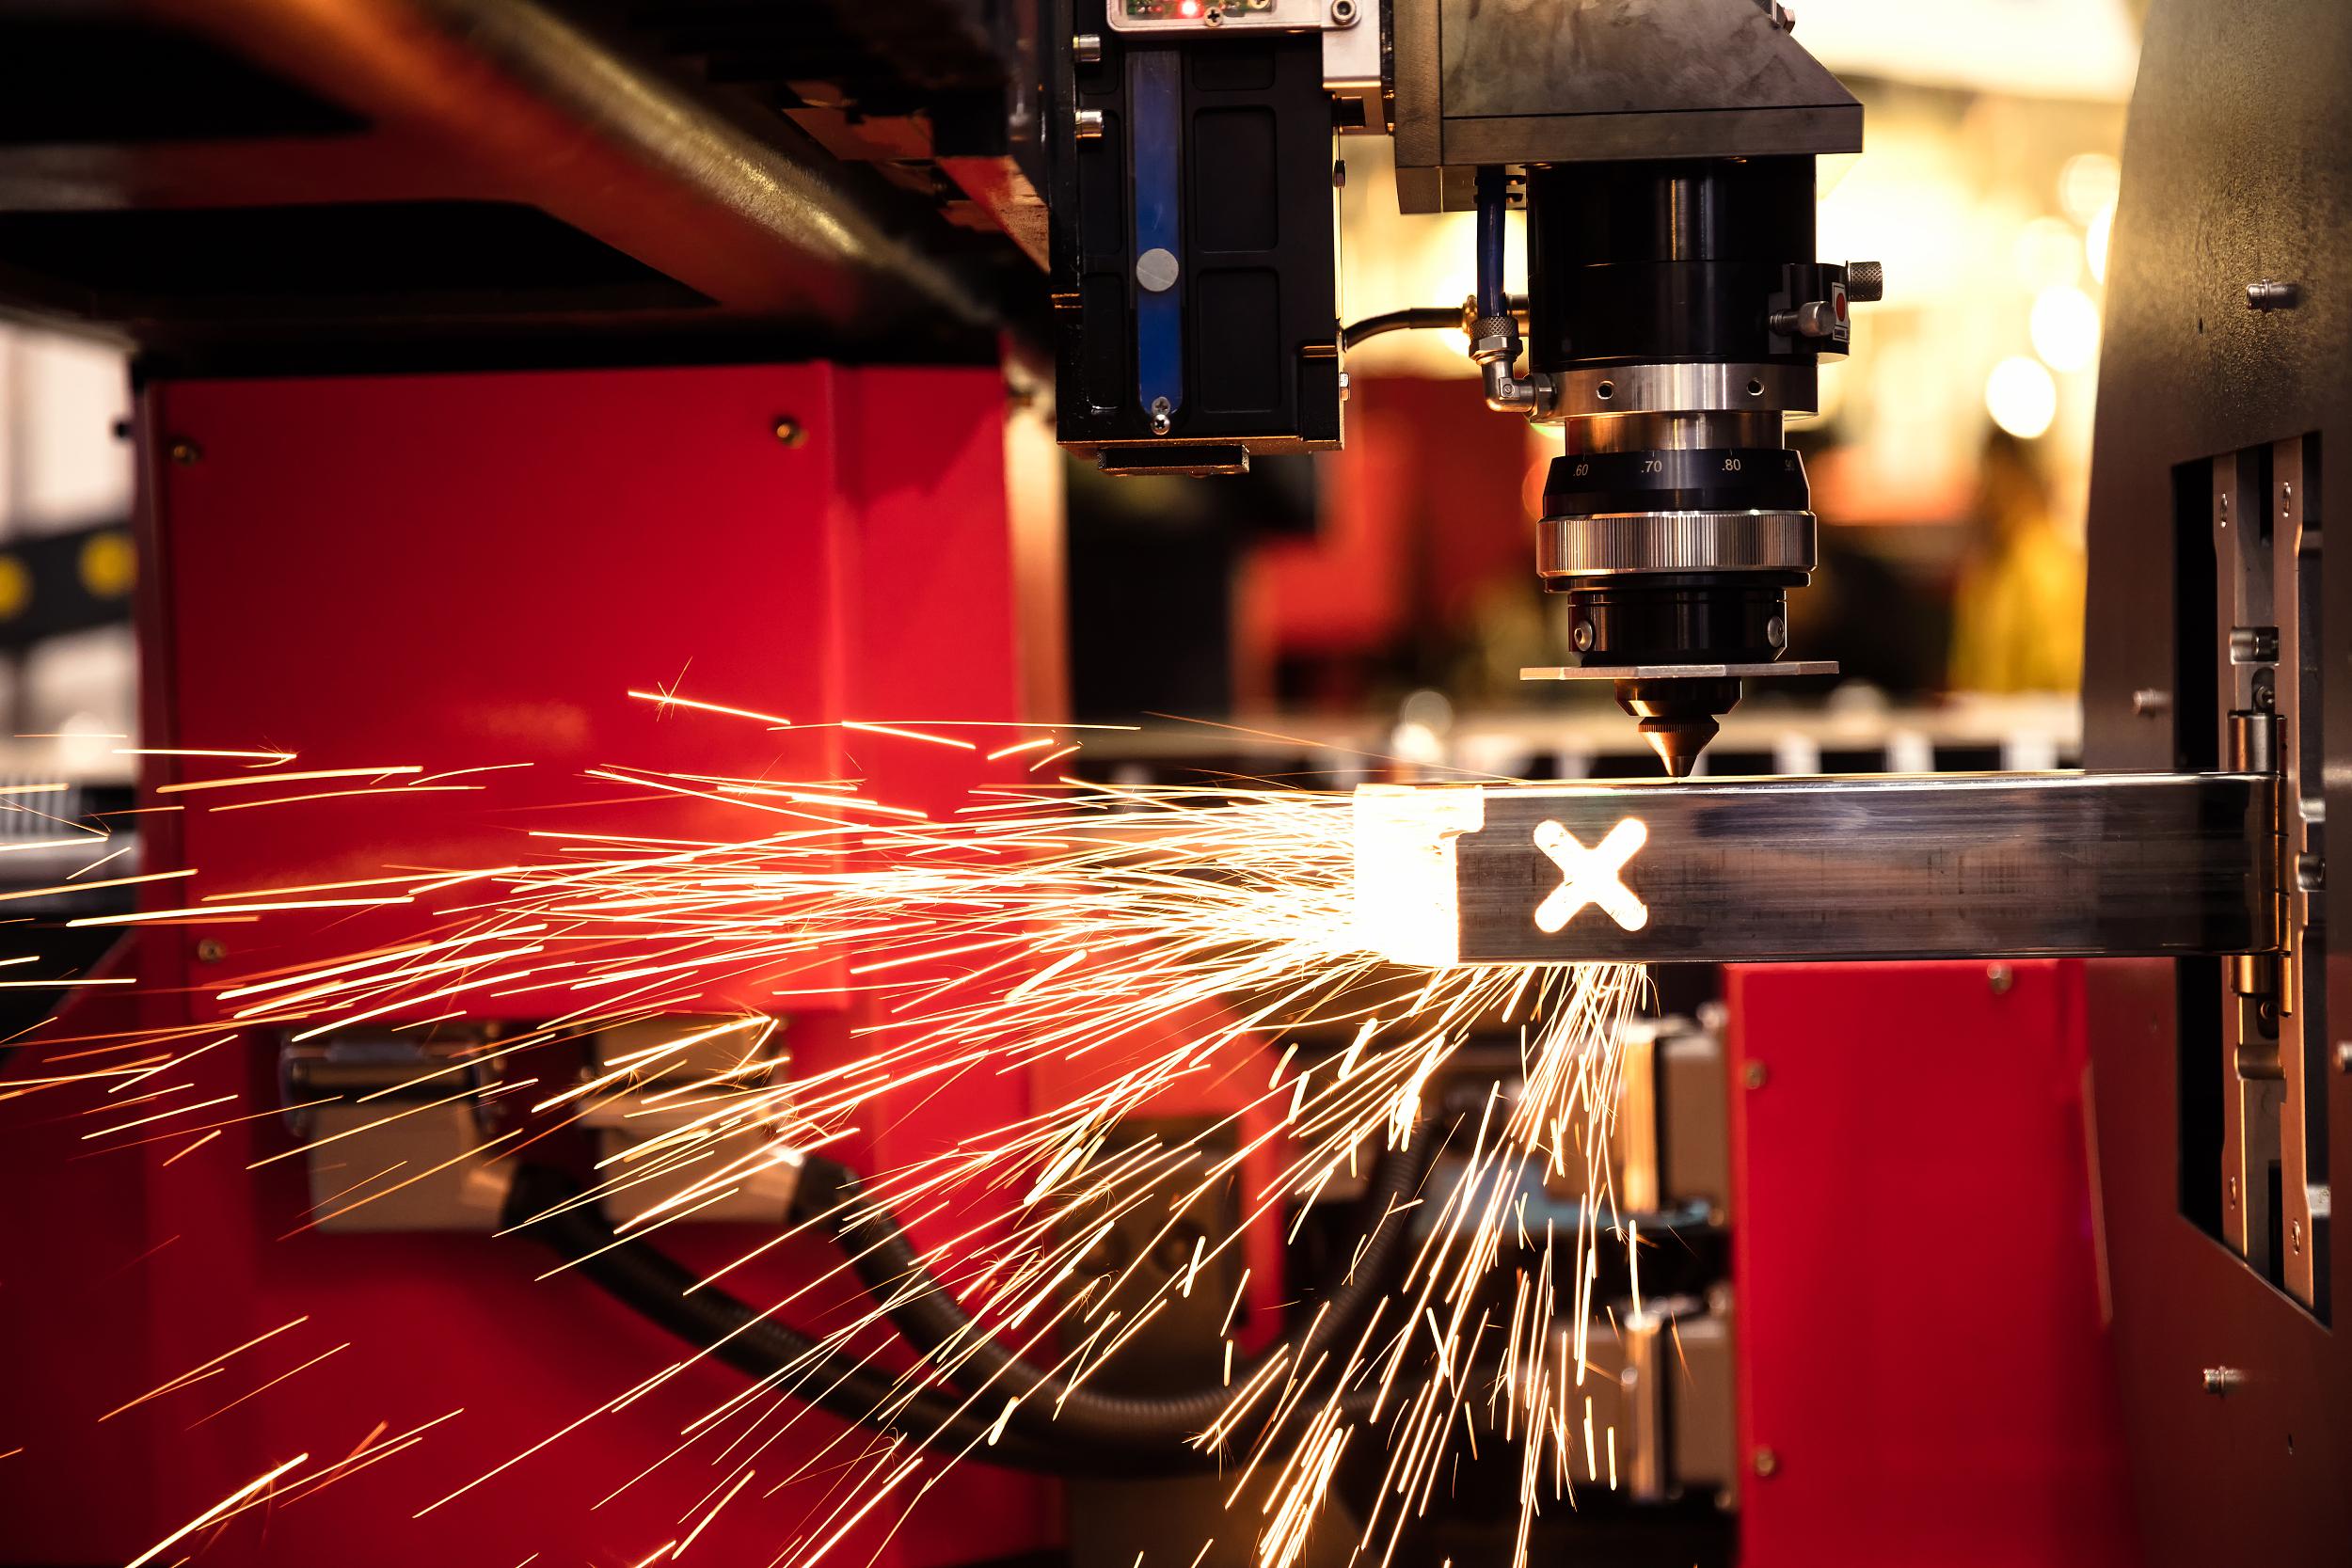 工业|制造业大幅领跑!中国3月规模以上工业增加值同比大增14.1%